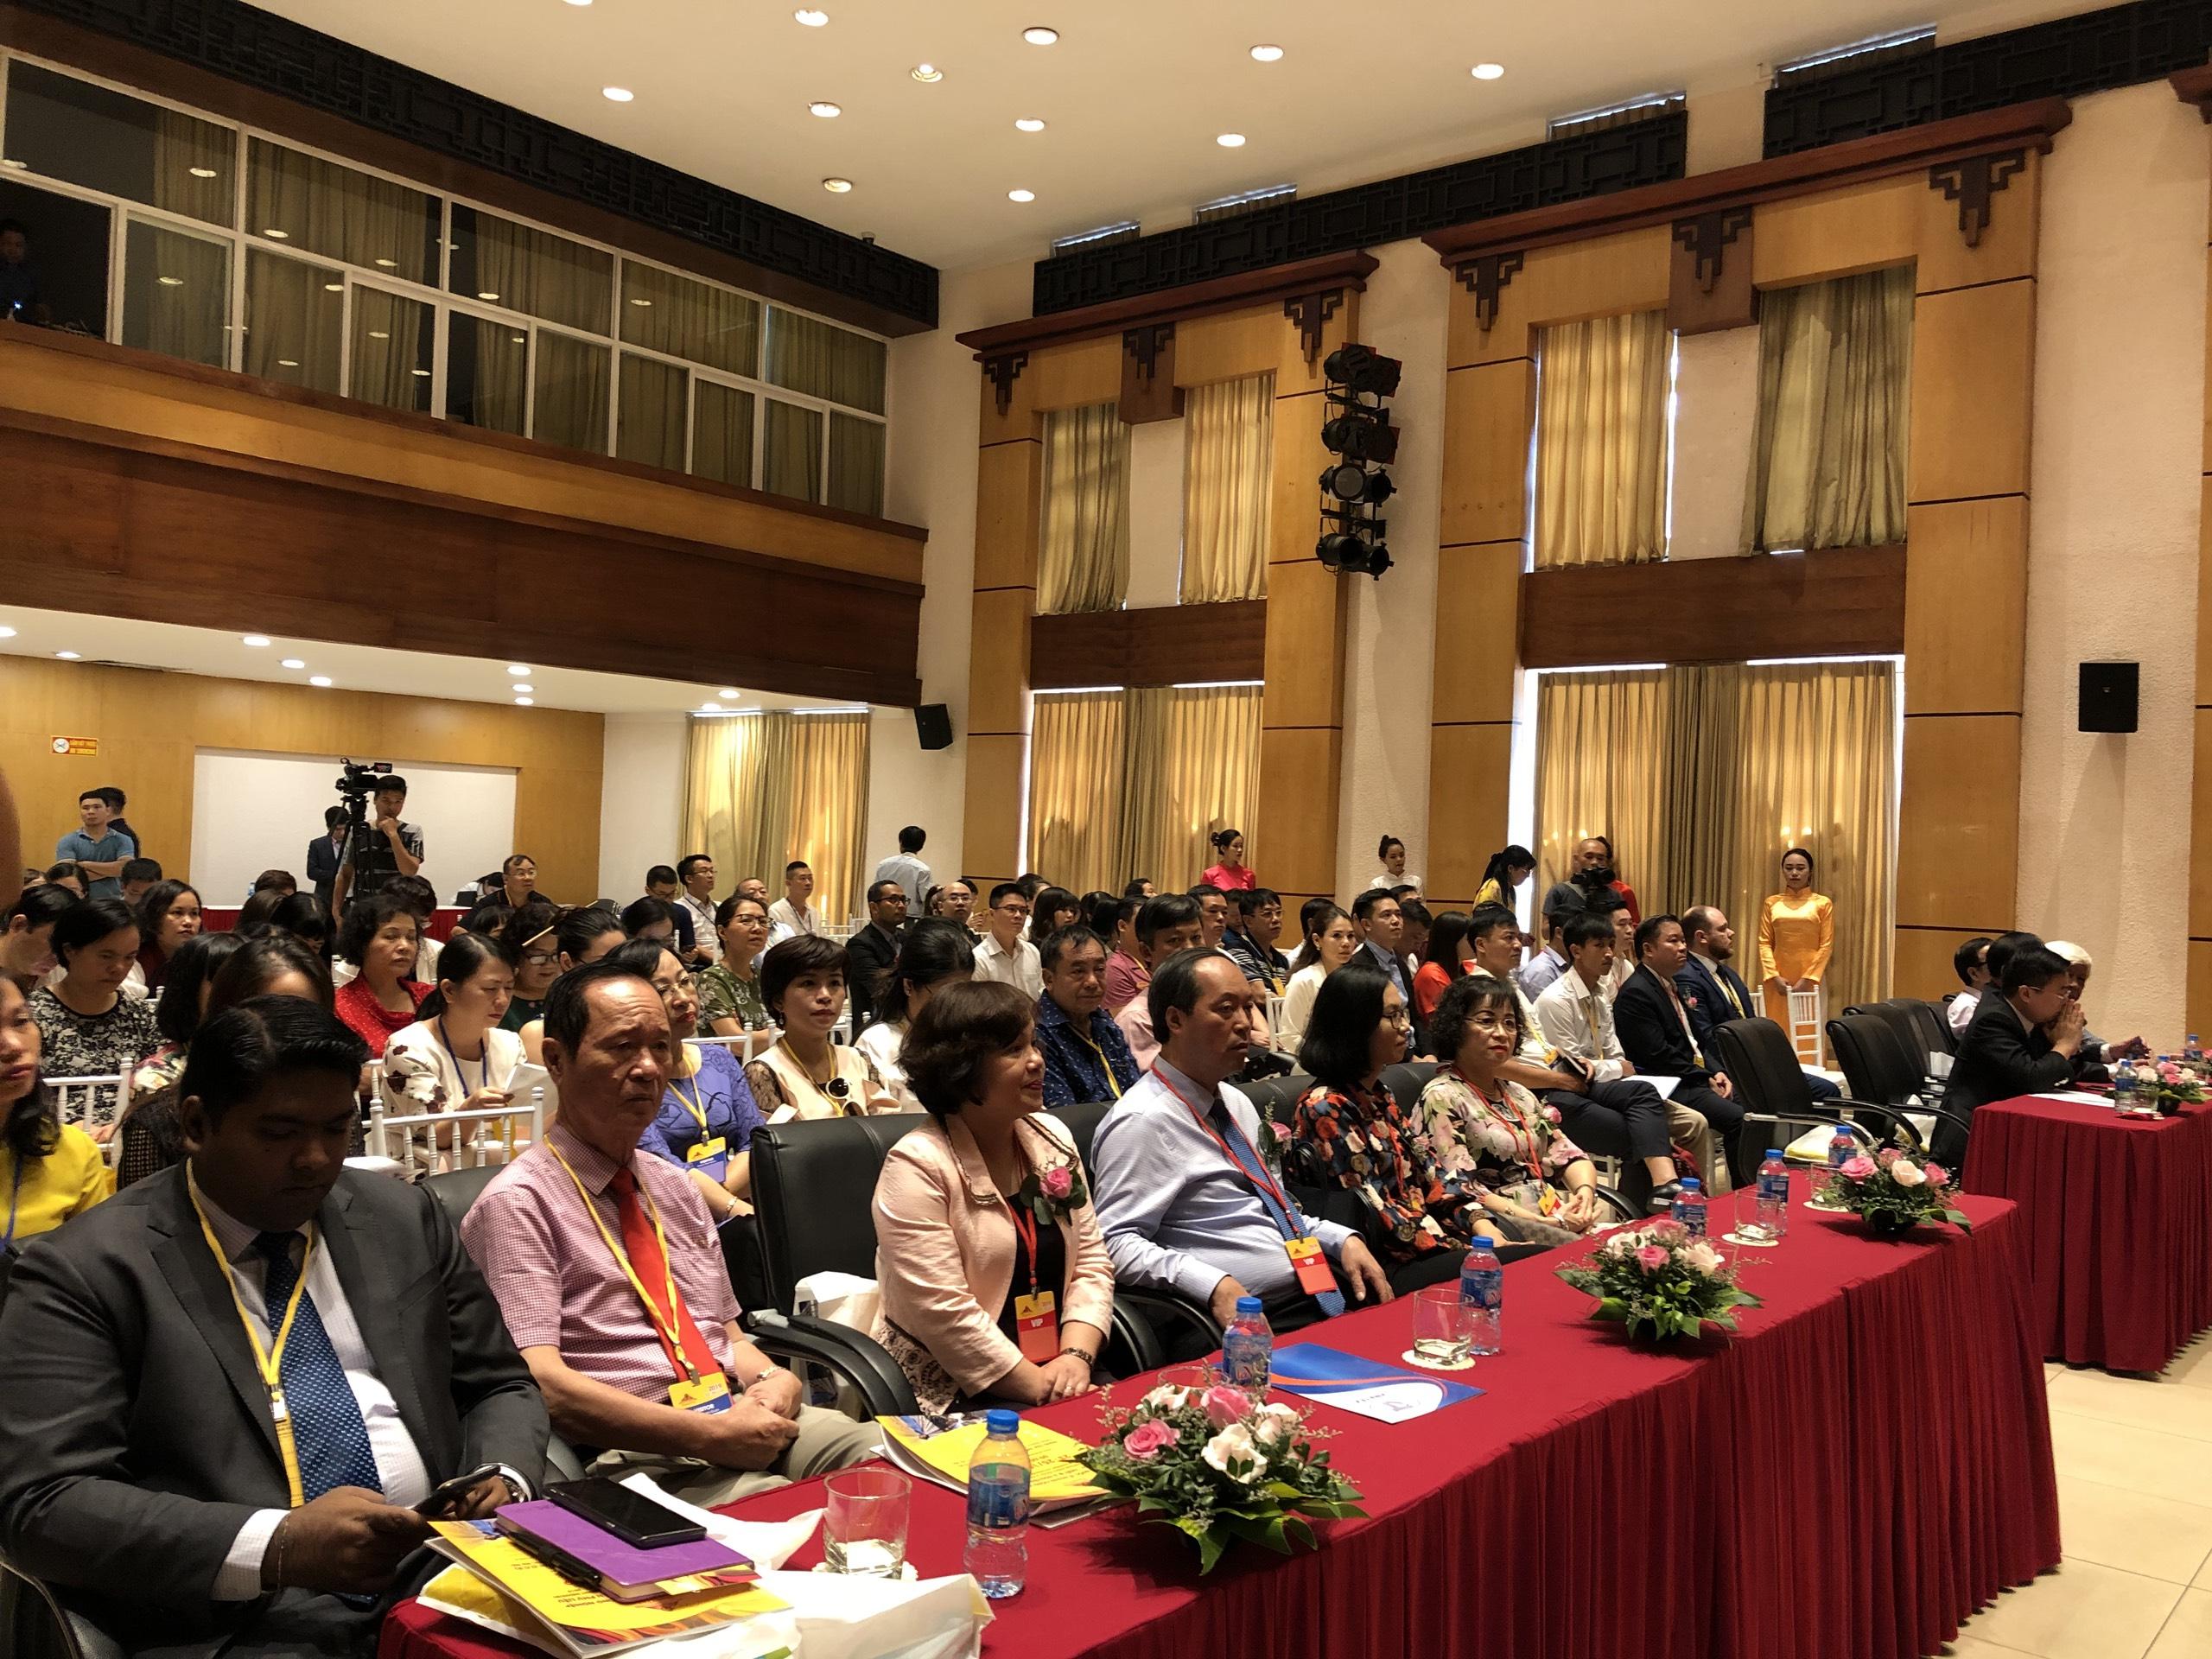 HanoiTex 2019: Cơ hội tiếp cận công nghệ hiện đại cho doanh nghiệp dệt may